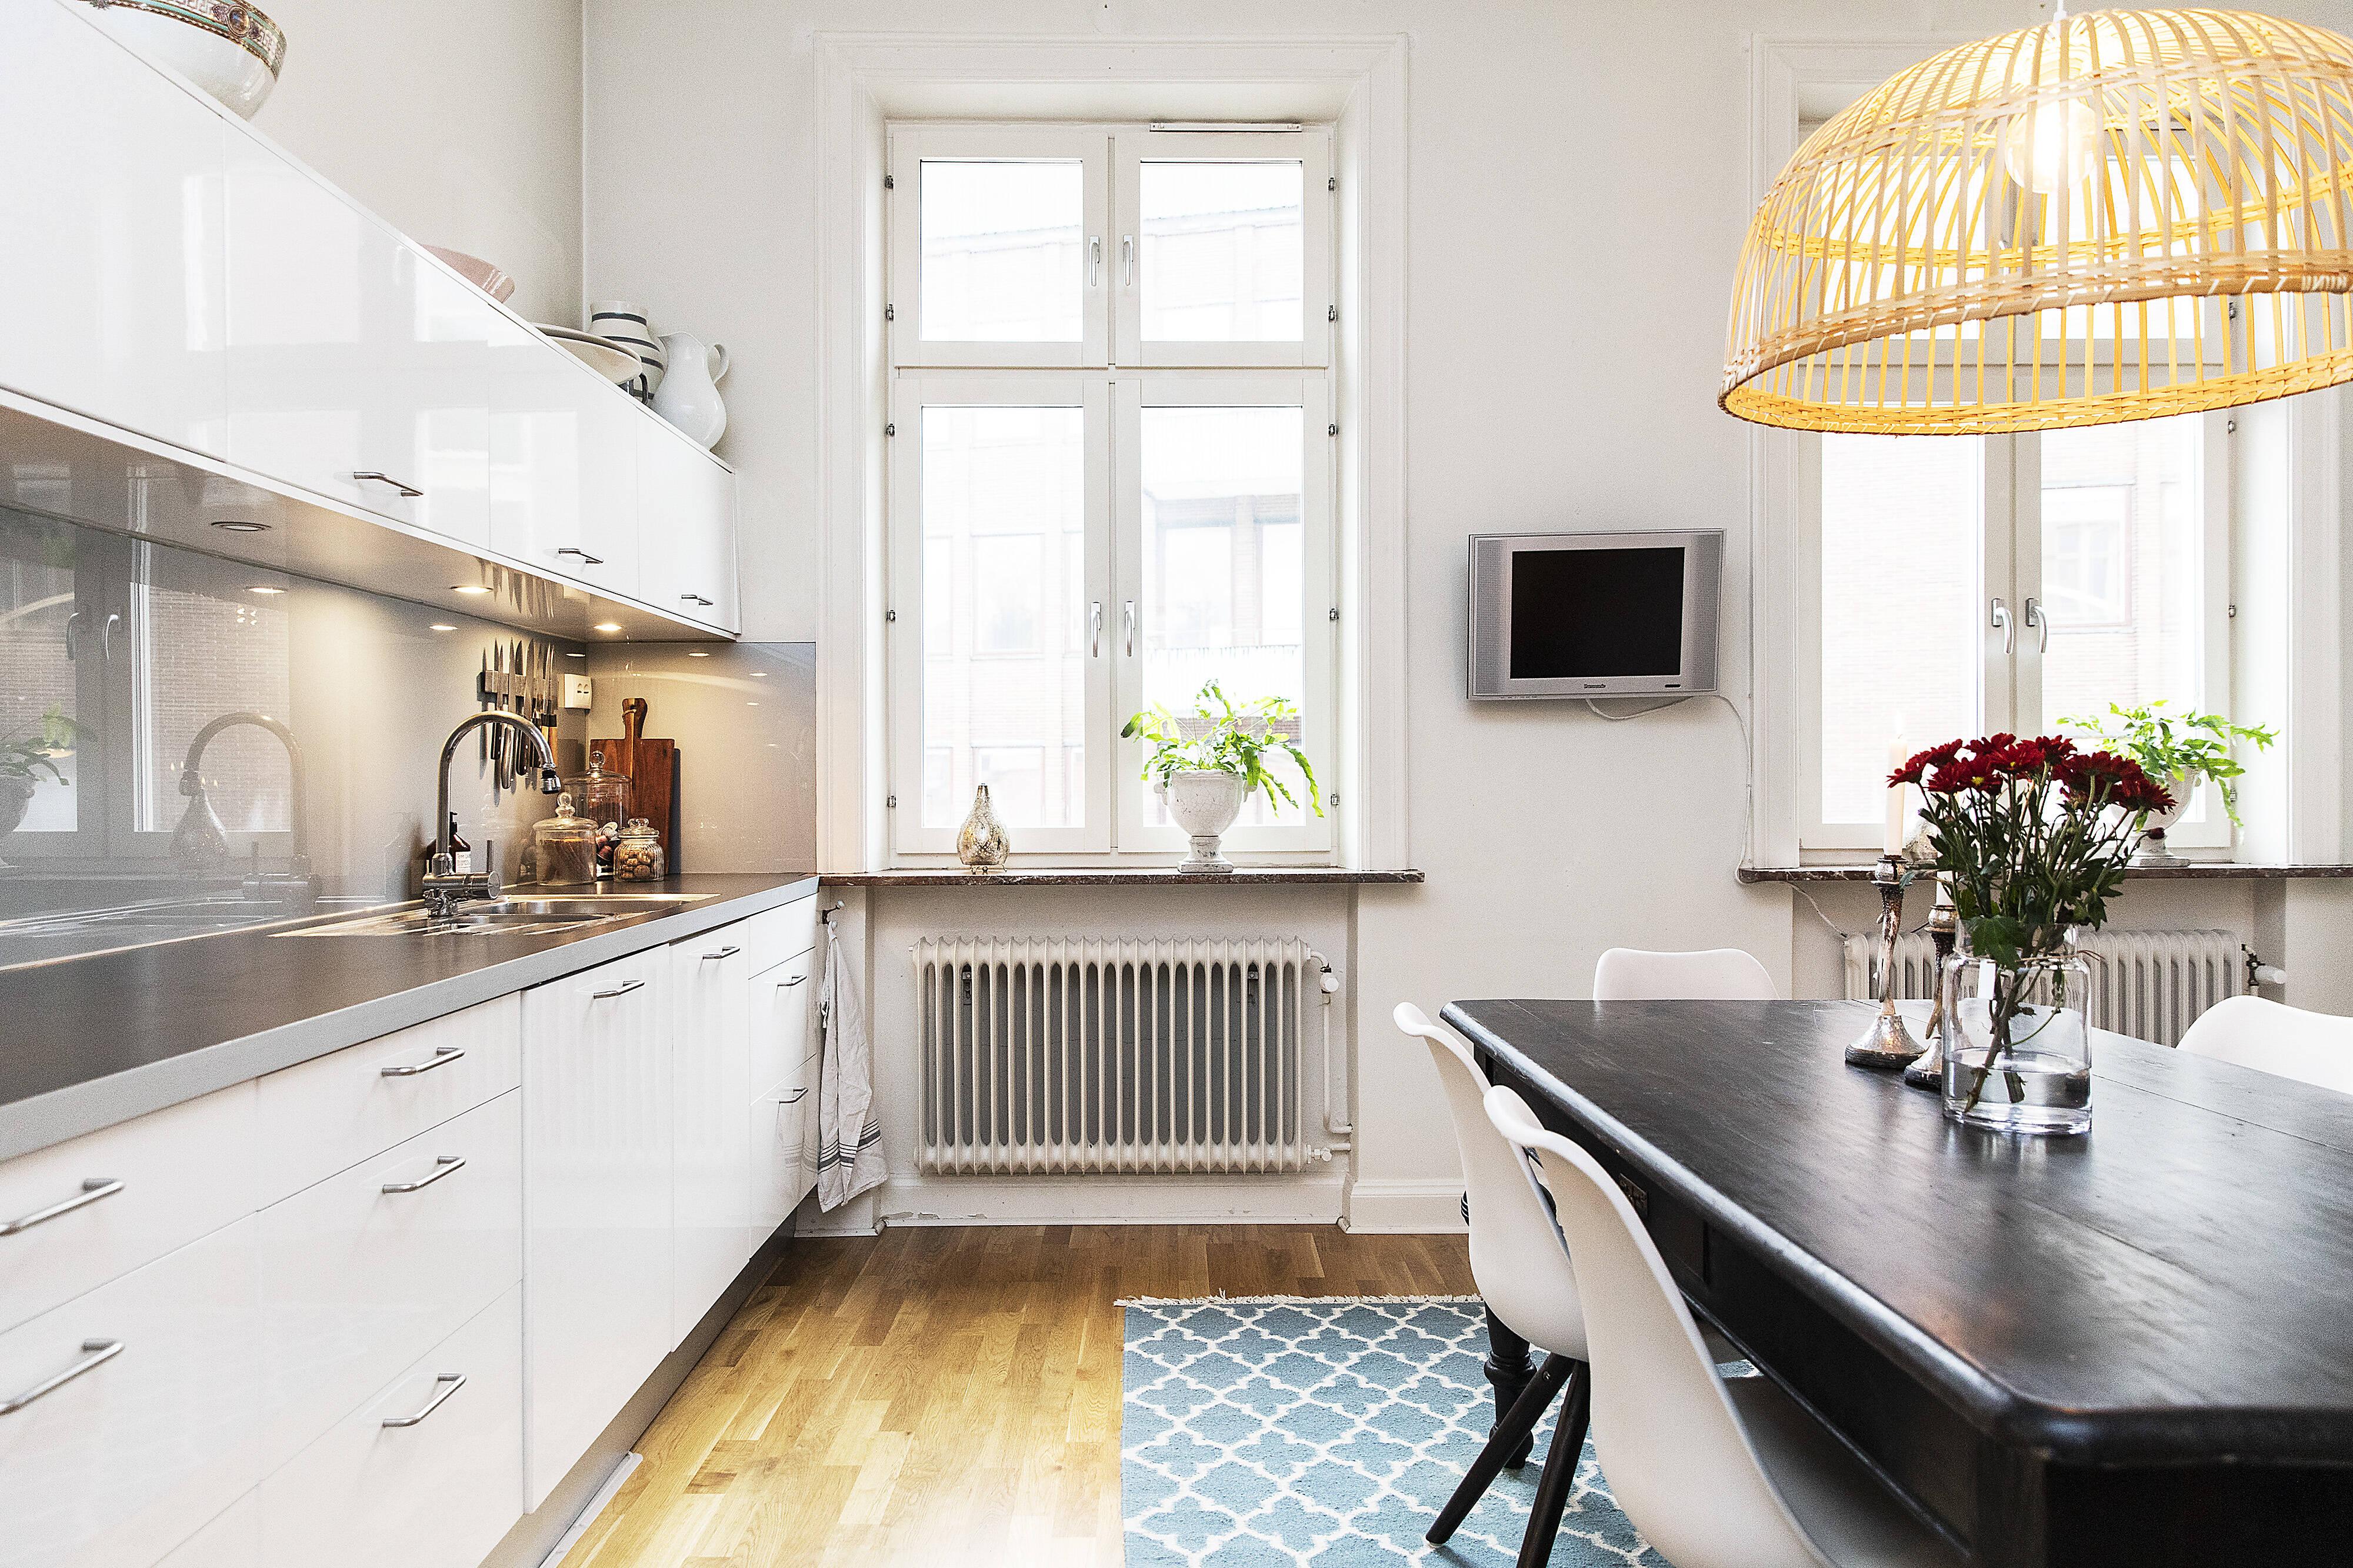 Köket är både praktiskt, rymligt och fräscht